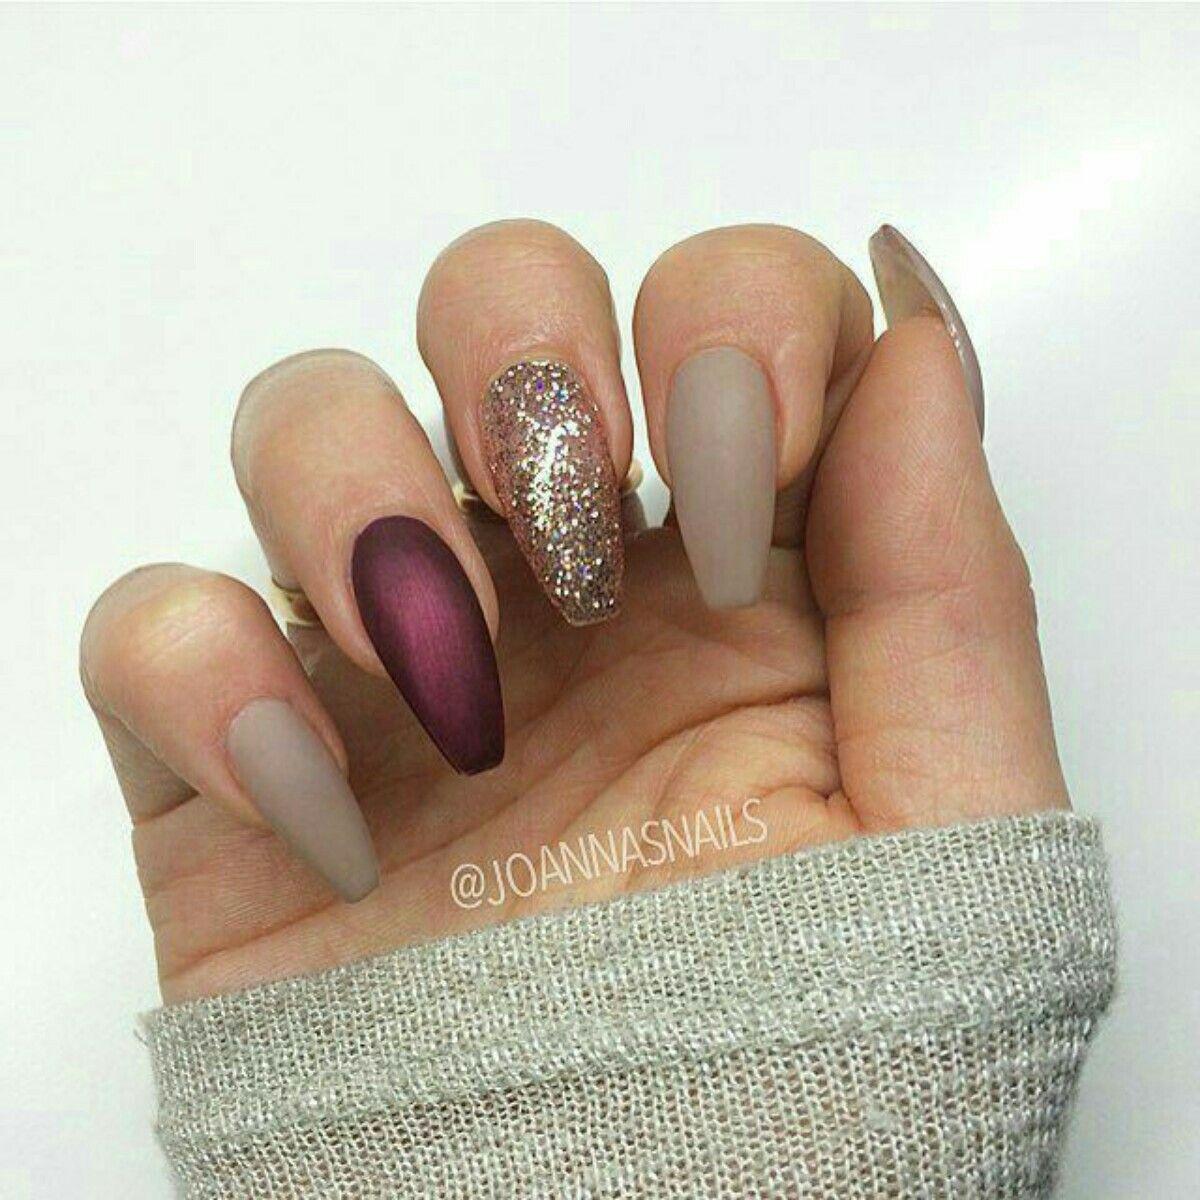 Pin de Tia Cruzen en Hair Face Nails | Pinterest | Diseños de uñas